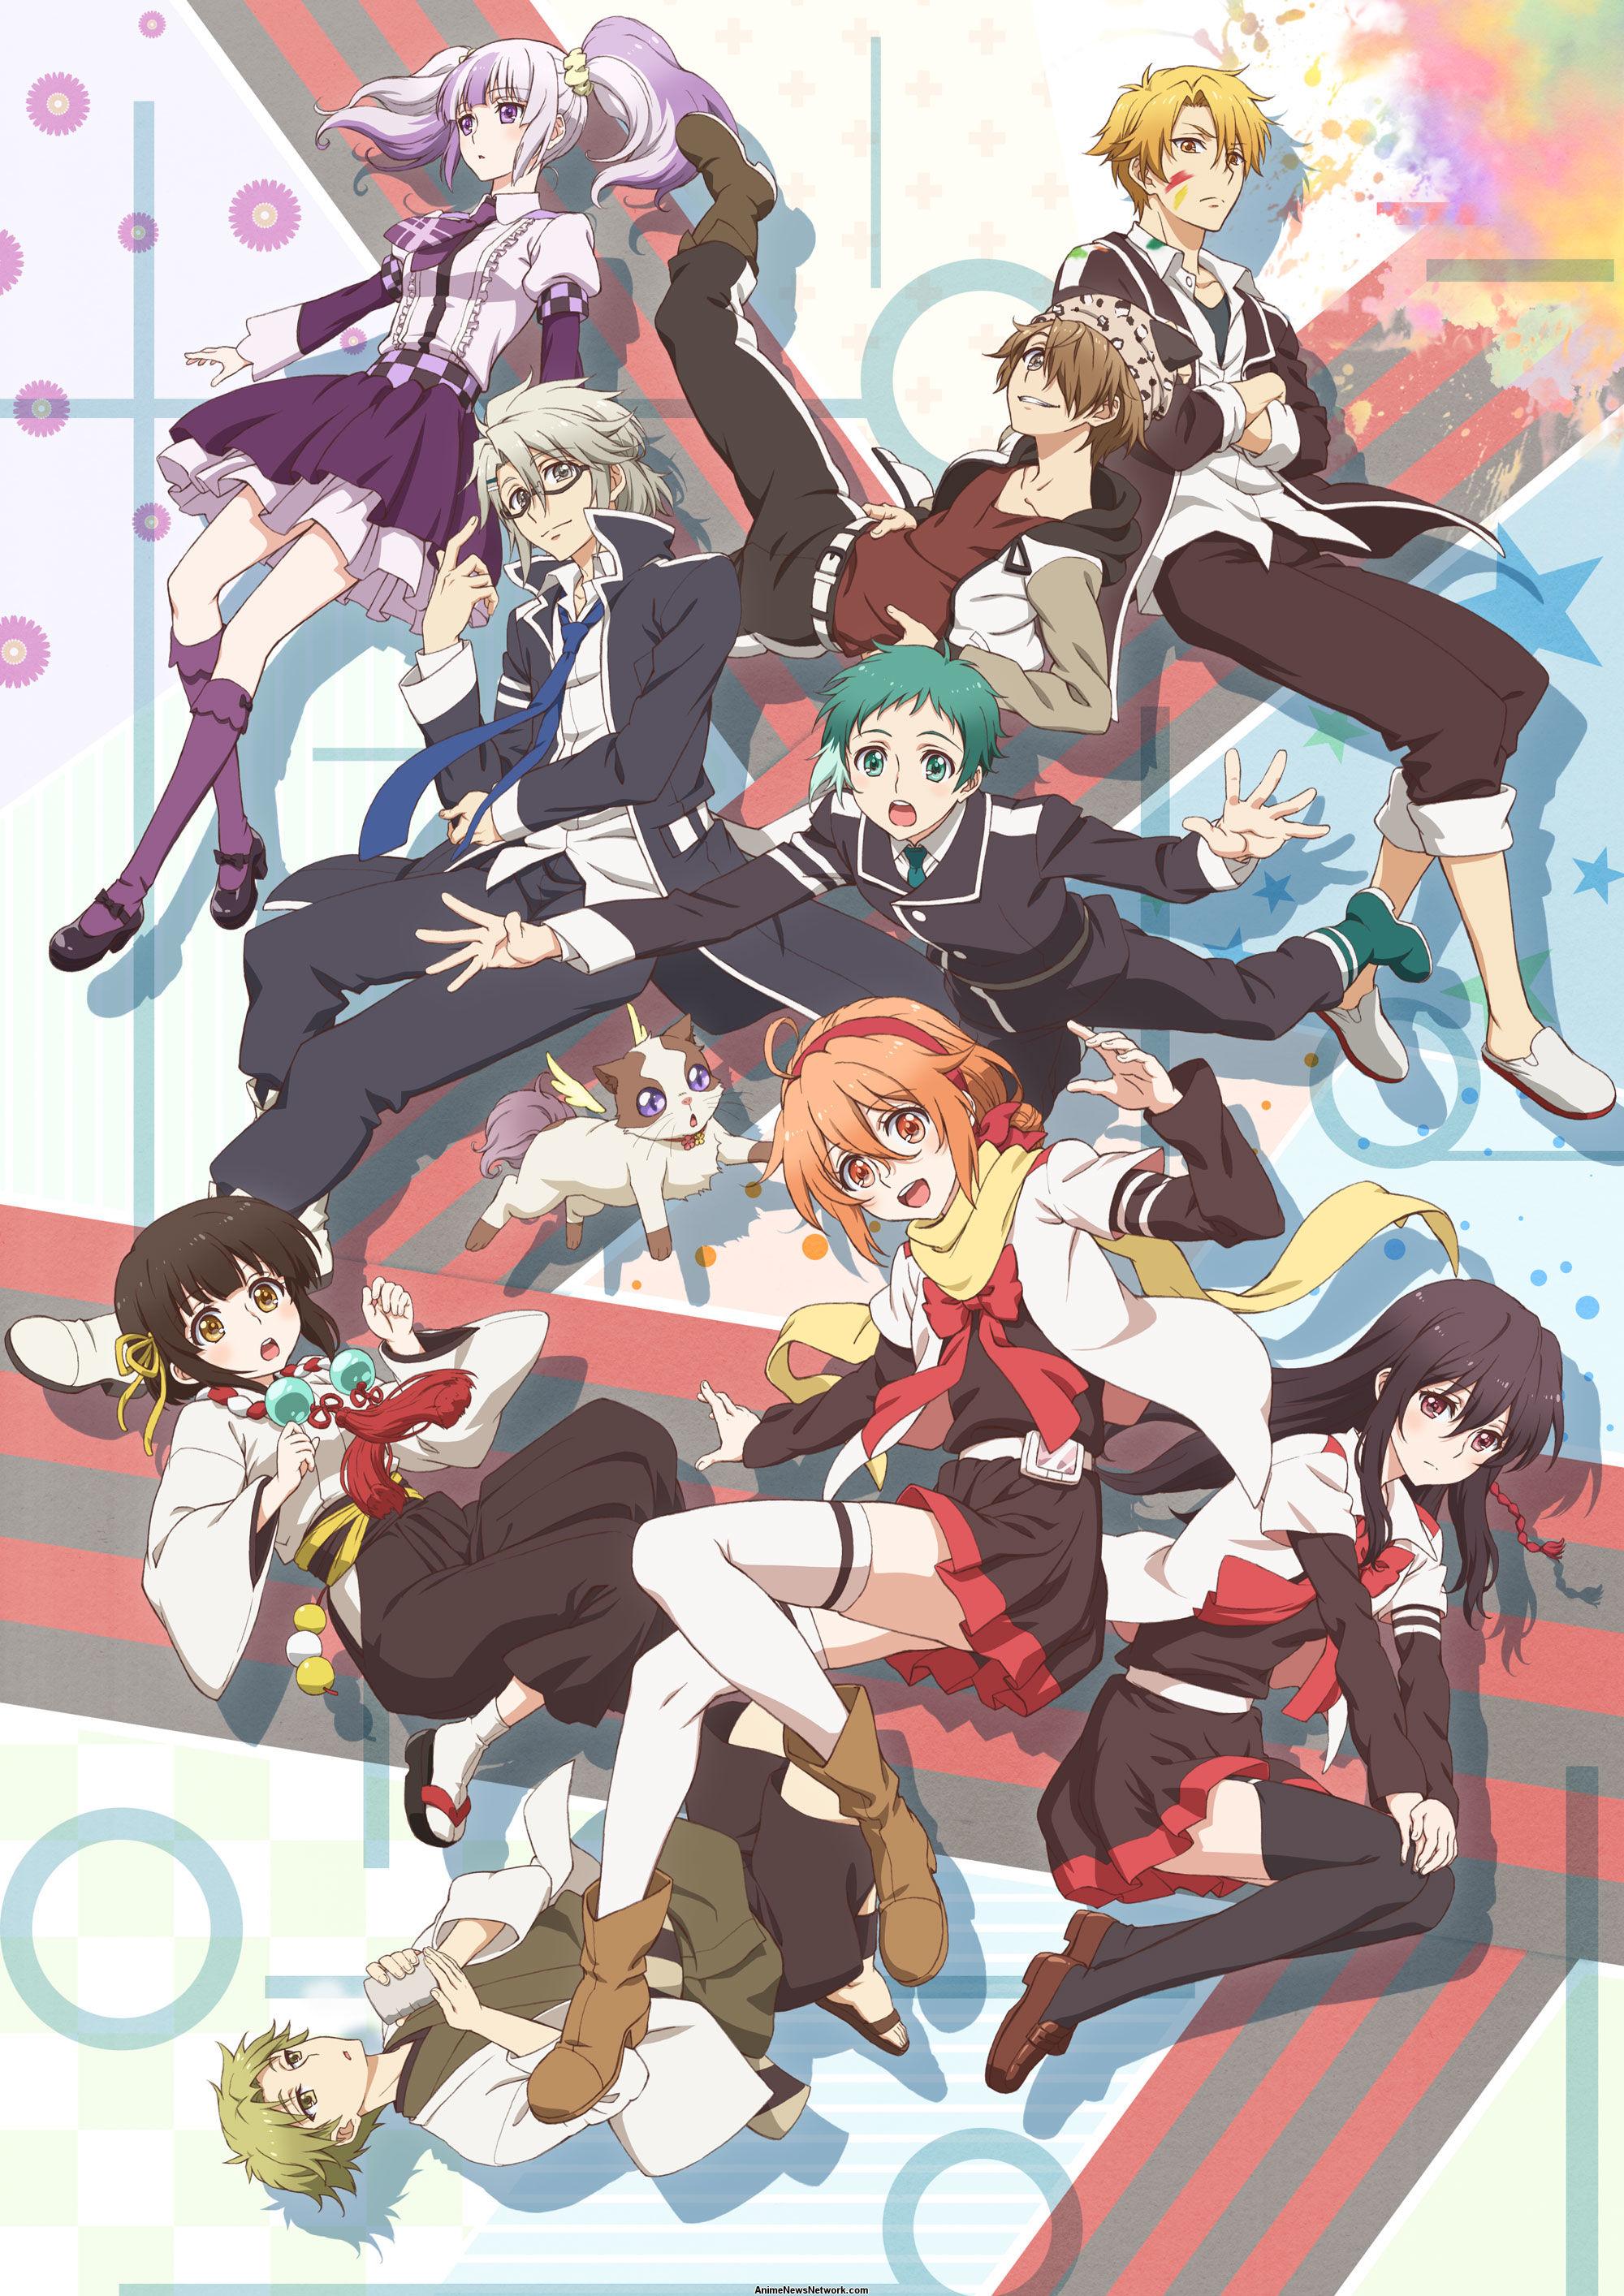 Anime Spotlight - Mikagura School Suite (Mikagura Gakuen